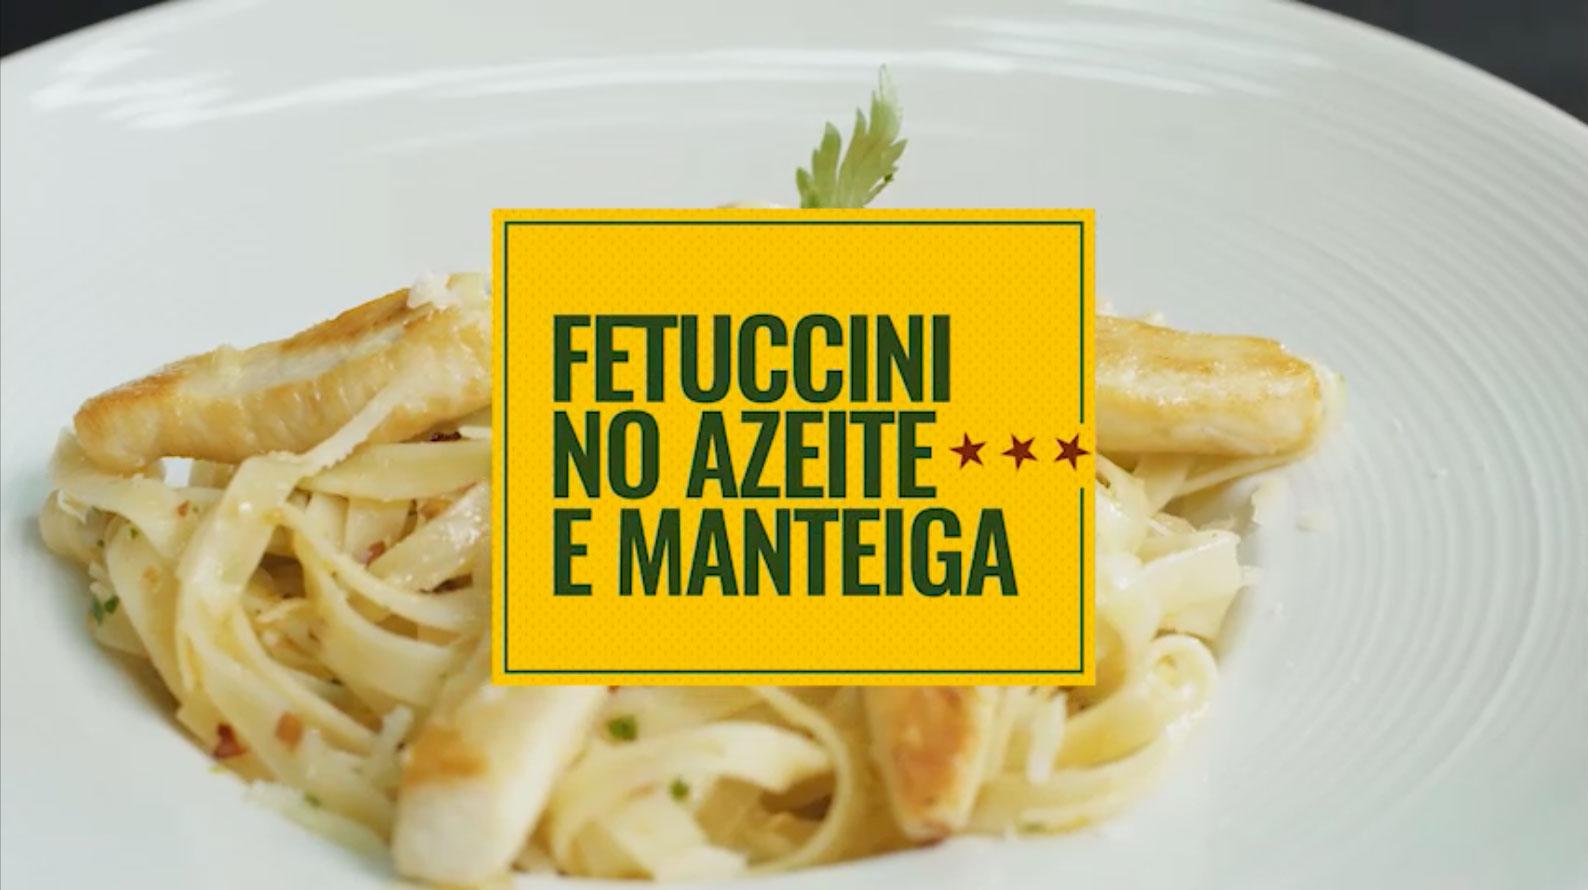 Fetuccini no Azeite e Manteiga